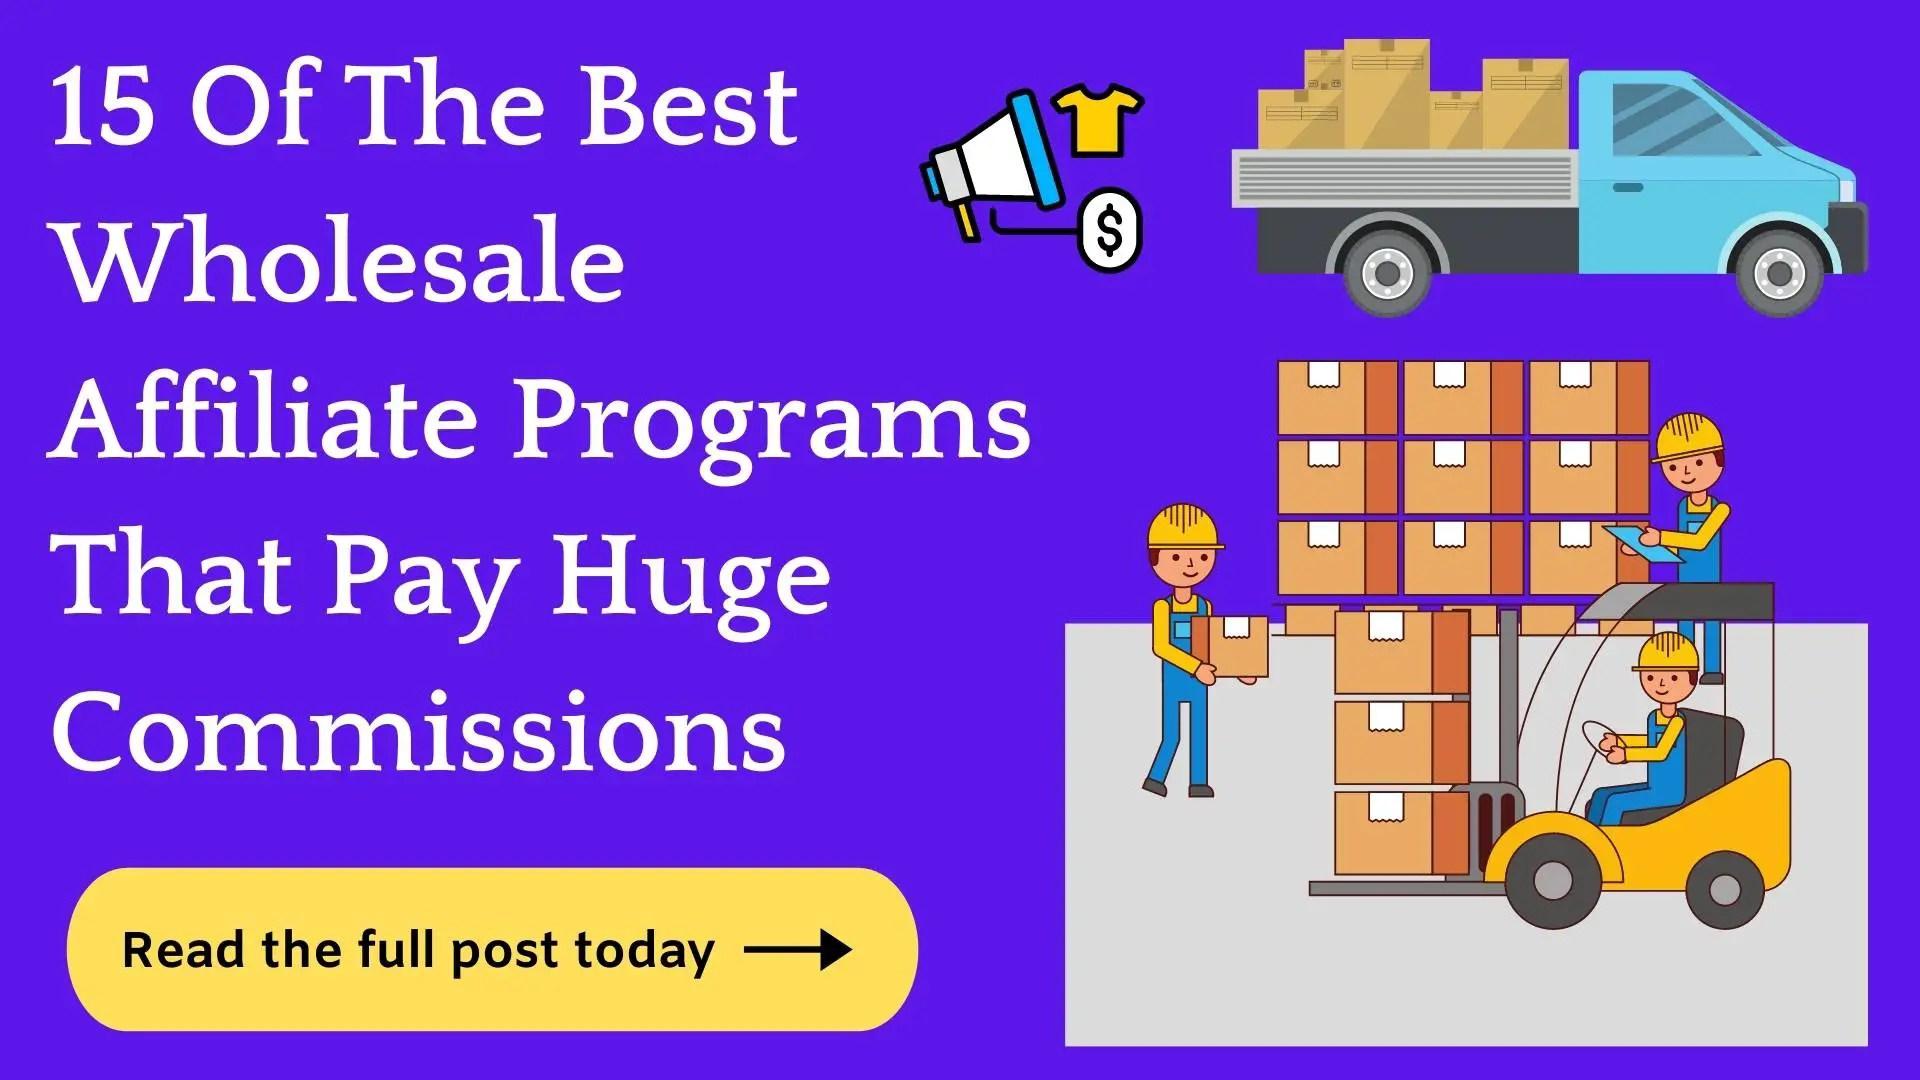 Best Wholesale Affiliate Programs